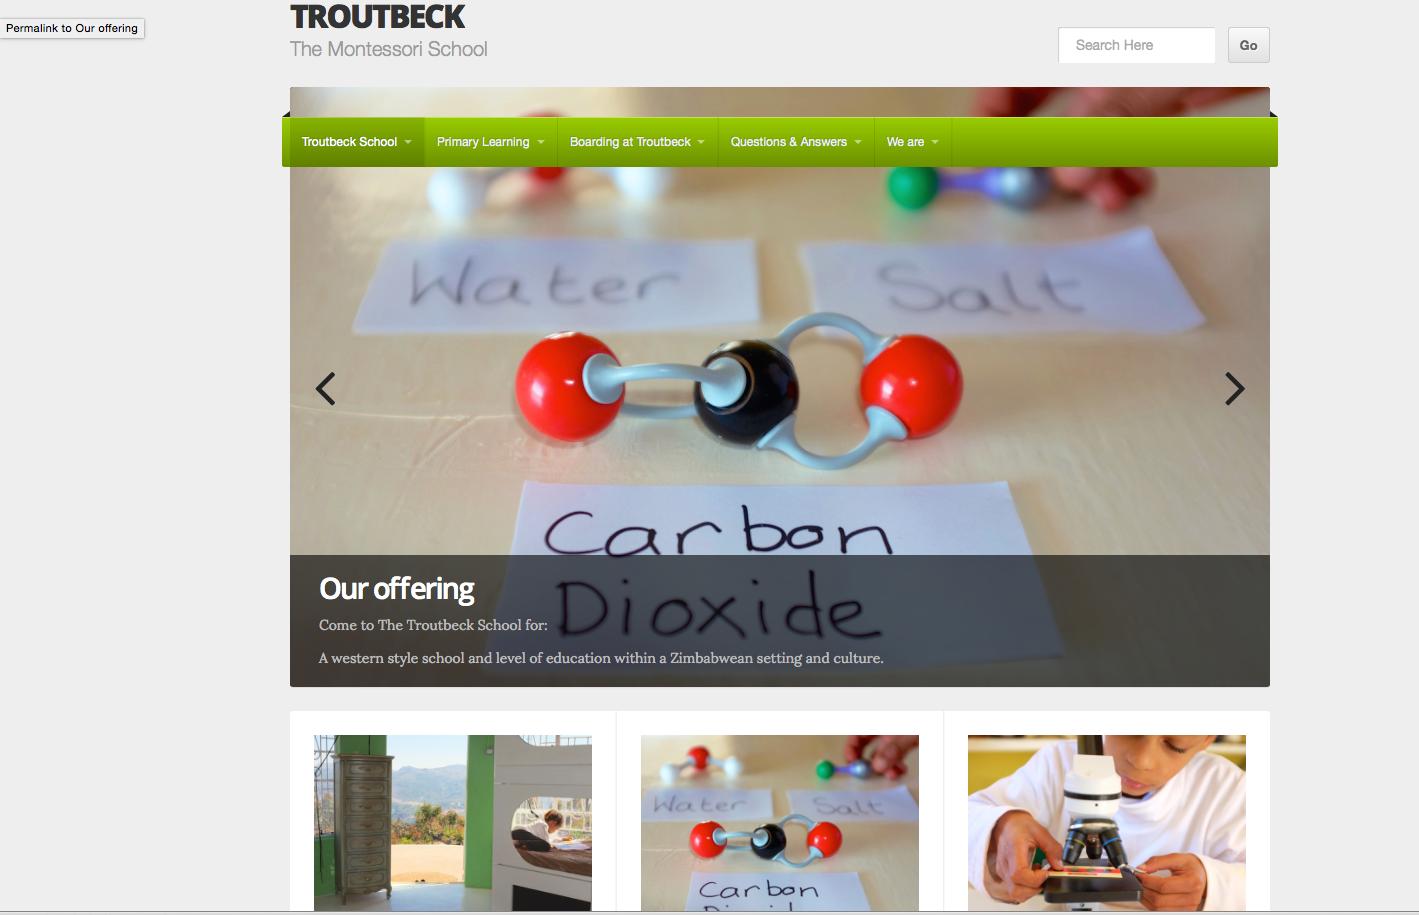 The Troutbeck School.com